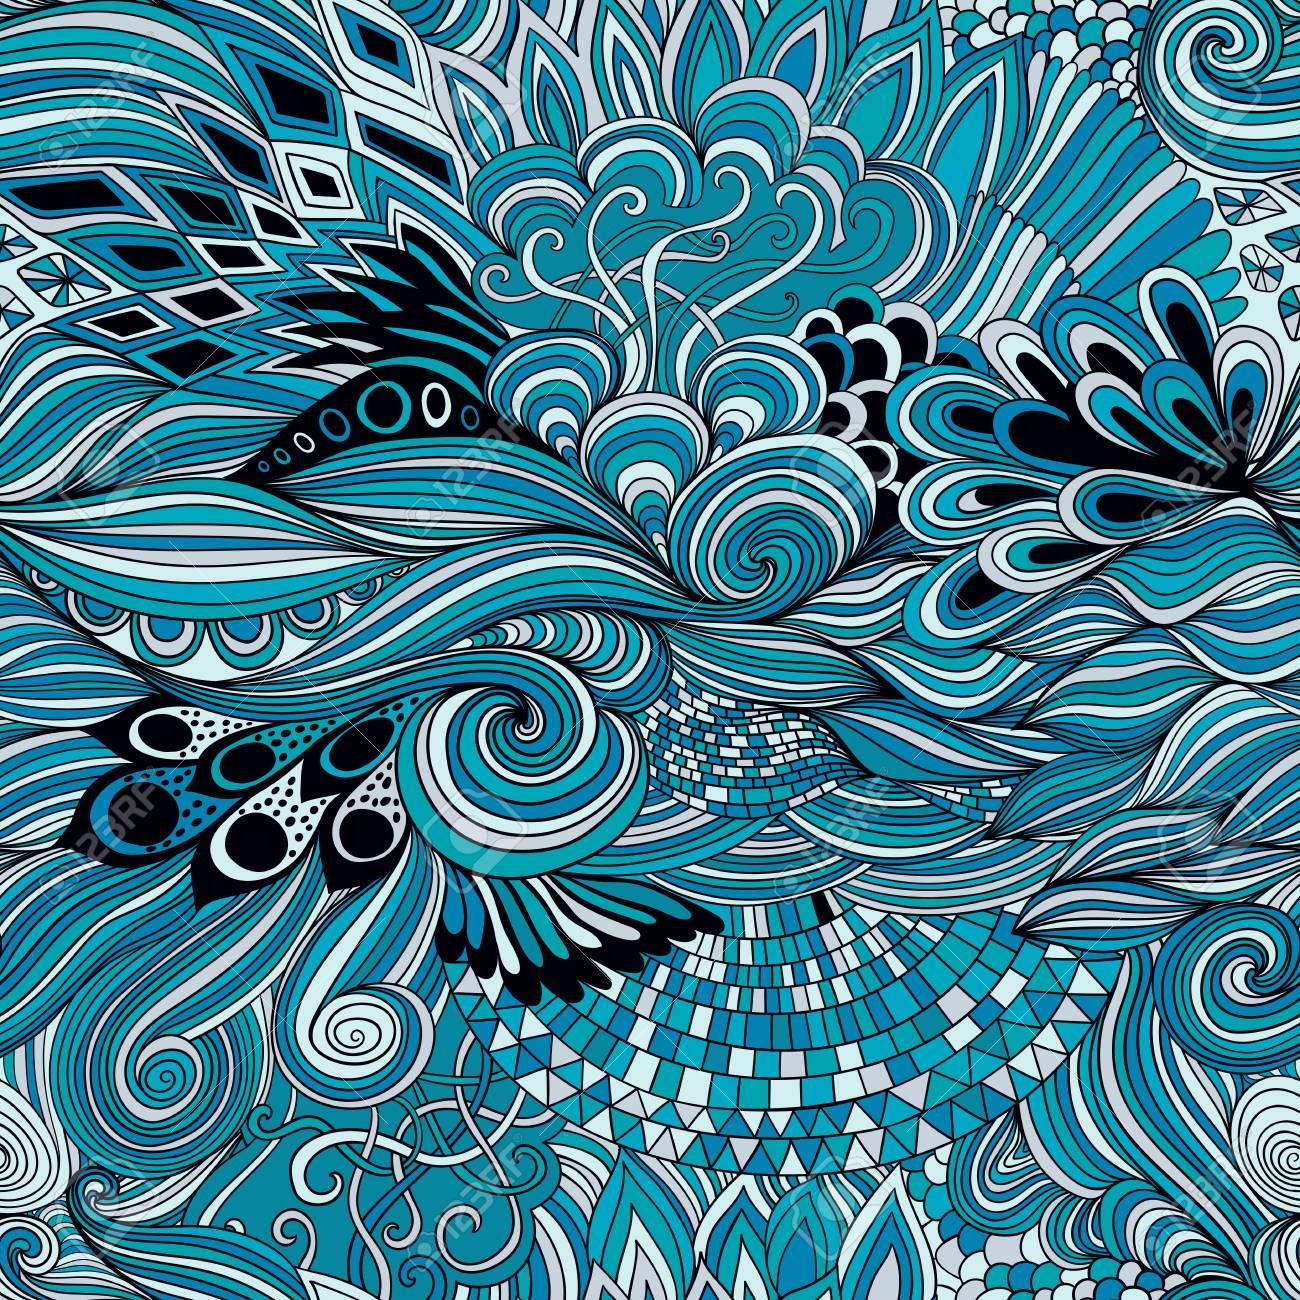 カラフルな飾りと抽象的な背景をシームレスなパターン手は塗り絵の図